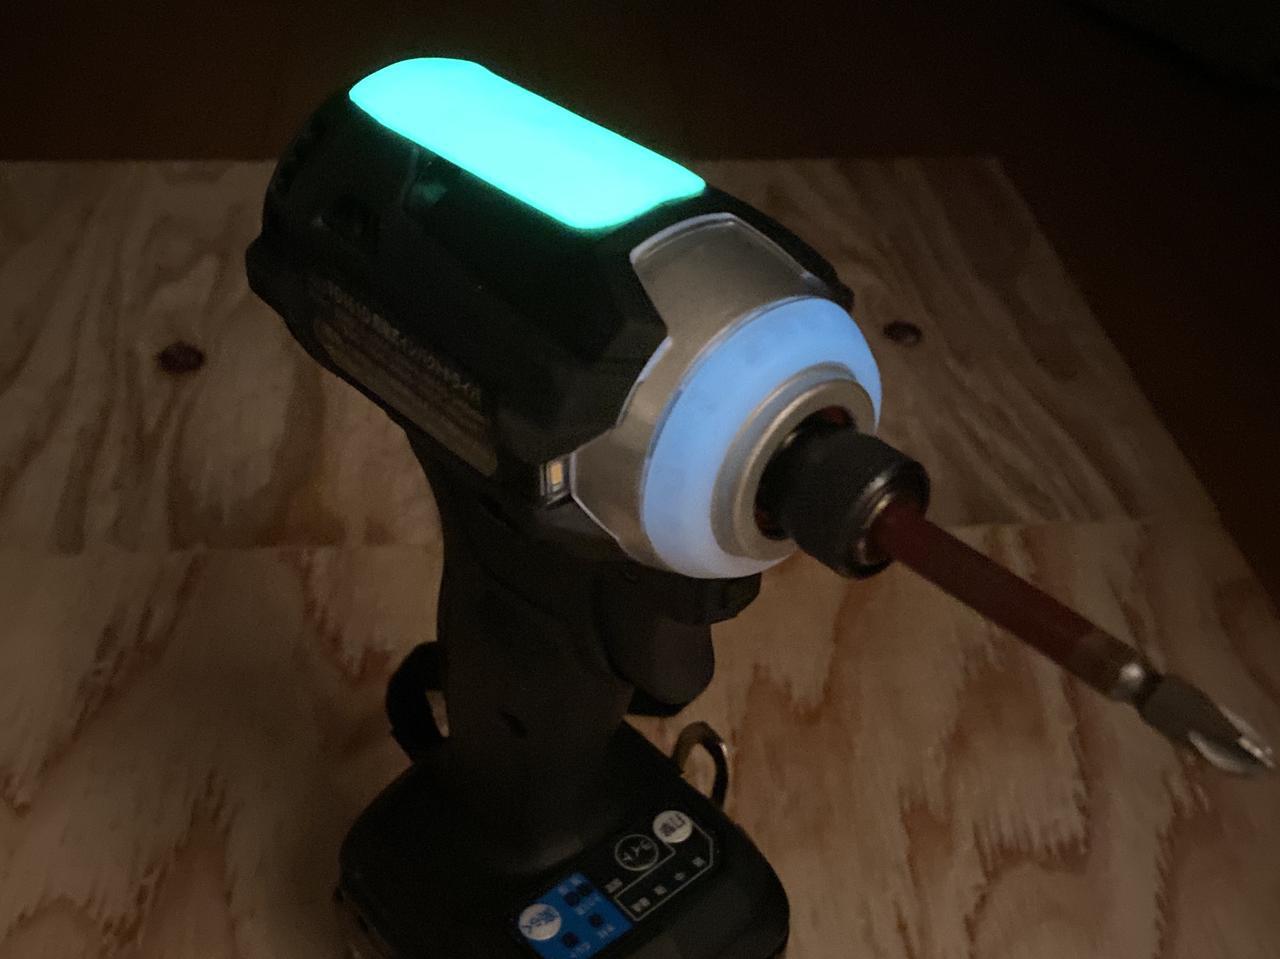 画像4: 「Glow HOTARU(グローホタル)」について詳しく知りたい方はこちらをチェック!